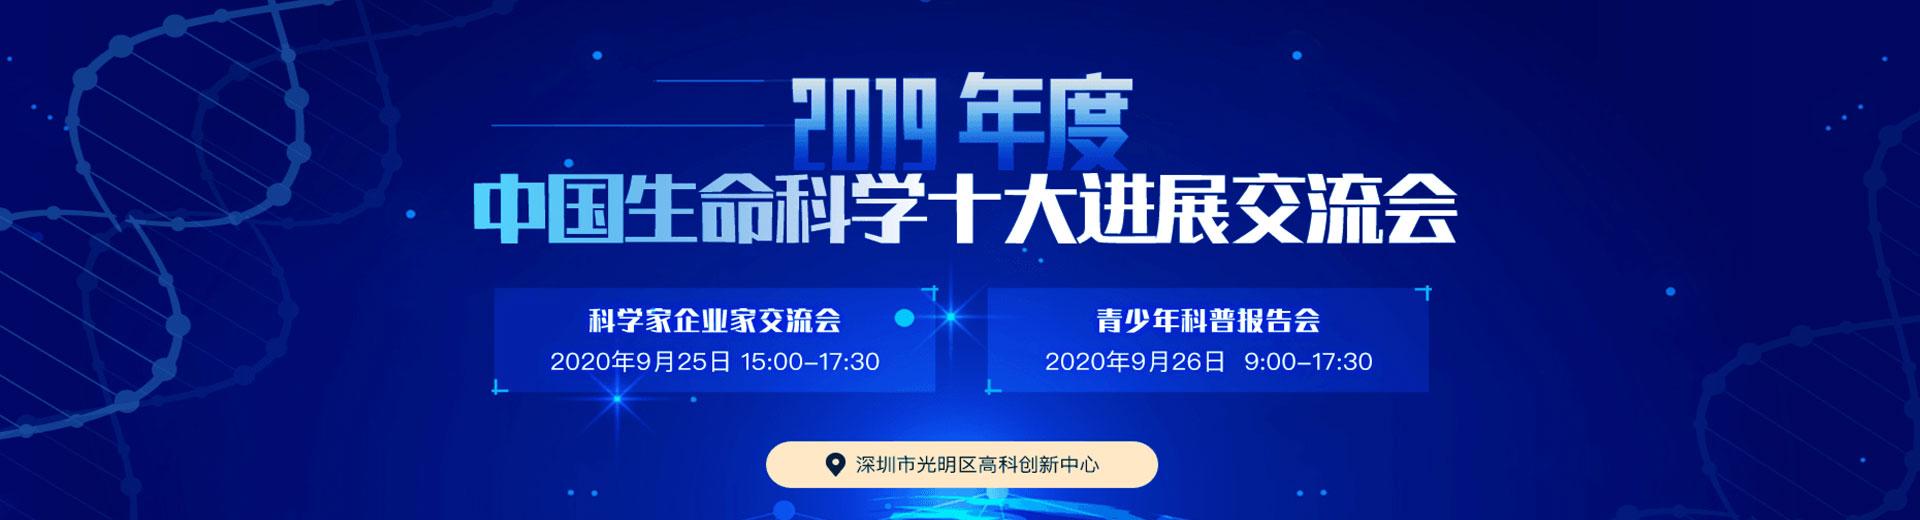 2019 年度中国生命科学十大进展交流会